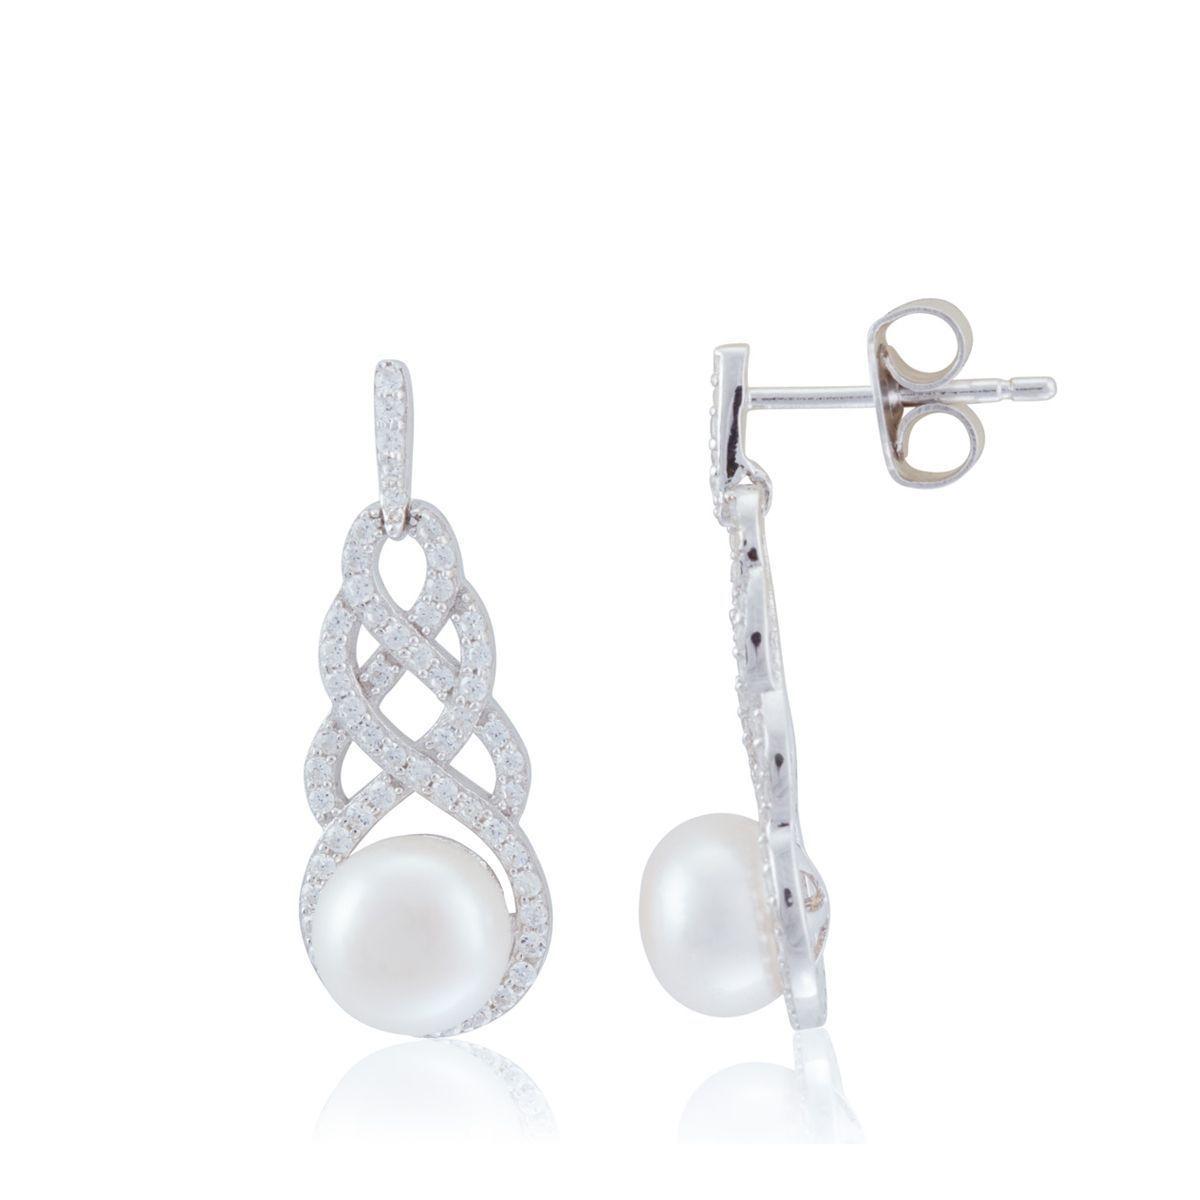 Boucles D'oreilles Argent Oxydes Perles Blanches Victoria Kiss